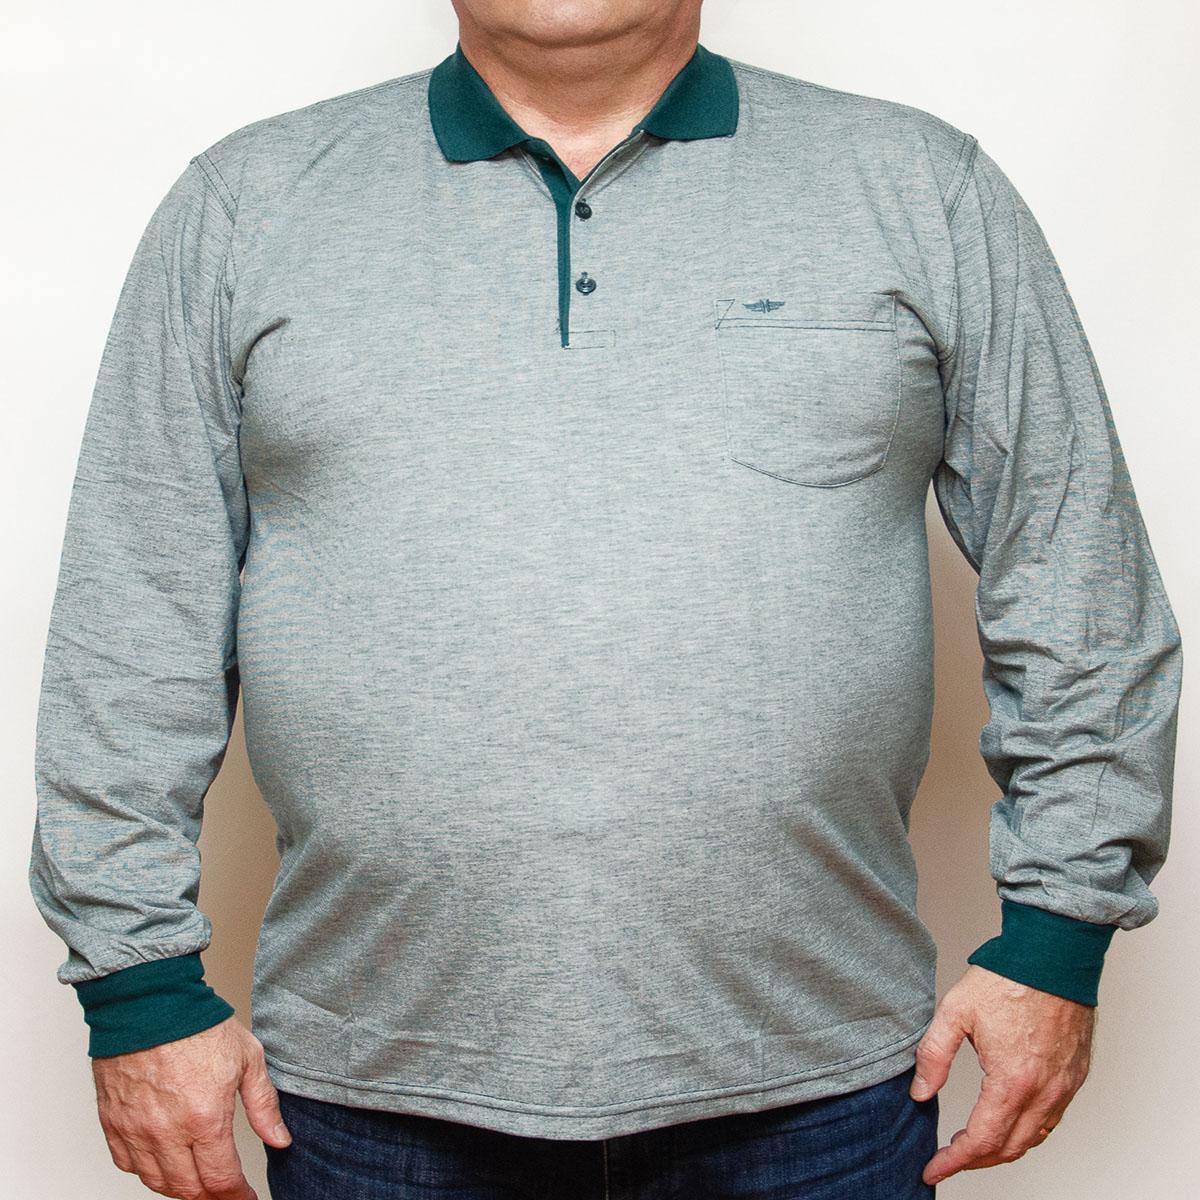 Bluza subtire gri cu insertii verzi si cu guler , Marime 5XL - egato.ro